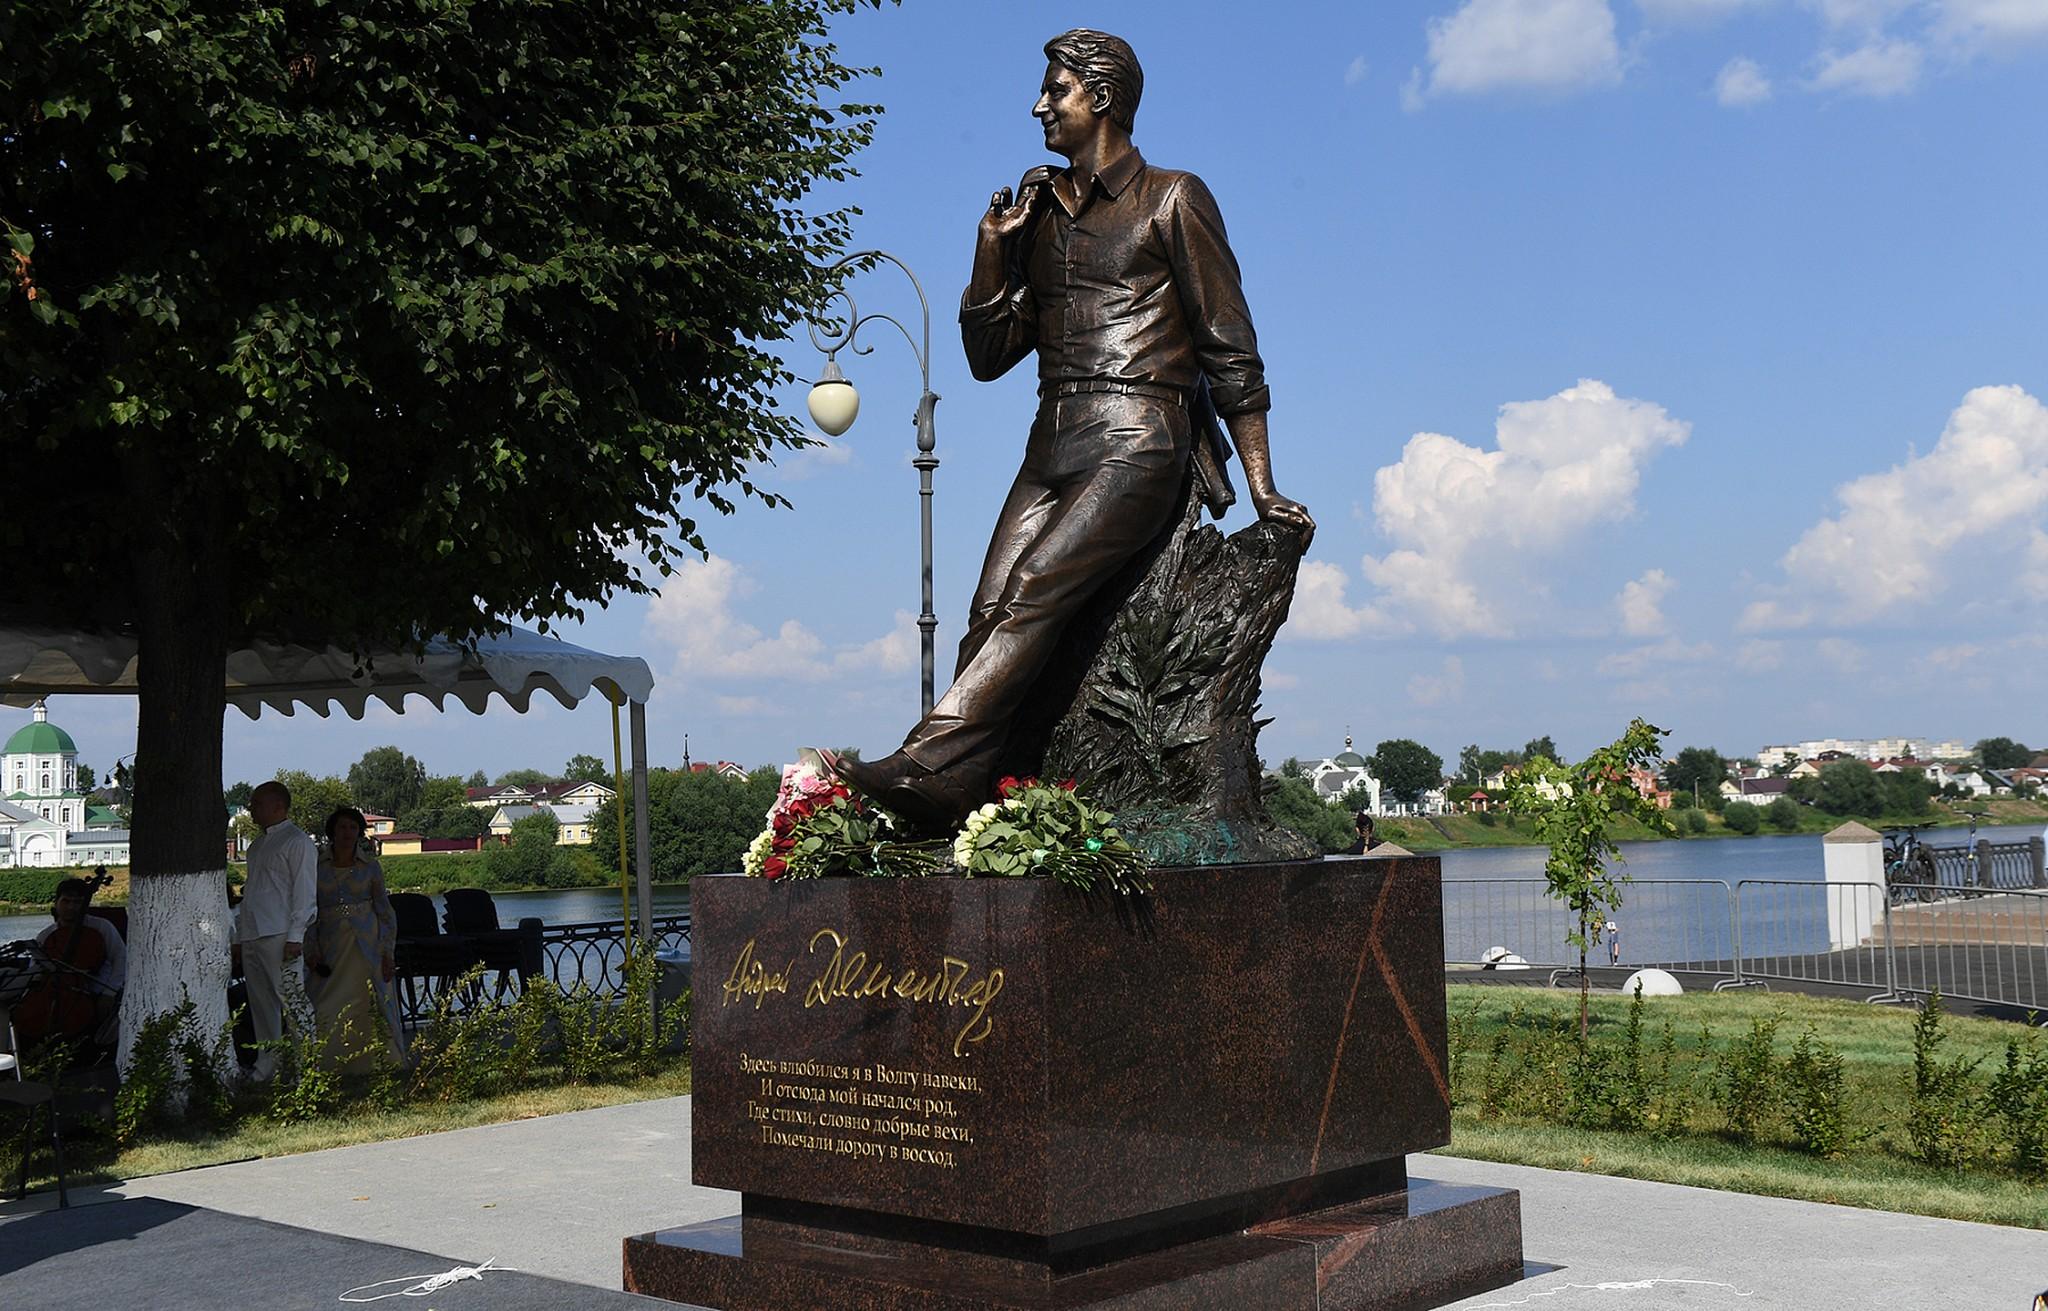 Путин направил приветствие участникам церемонии открытия памятника Андрею Дементьеву в Твери